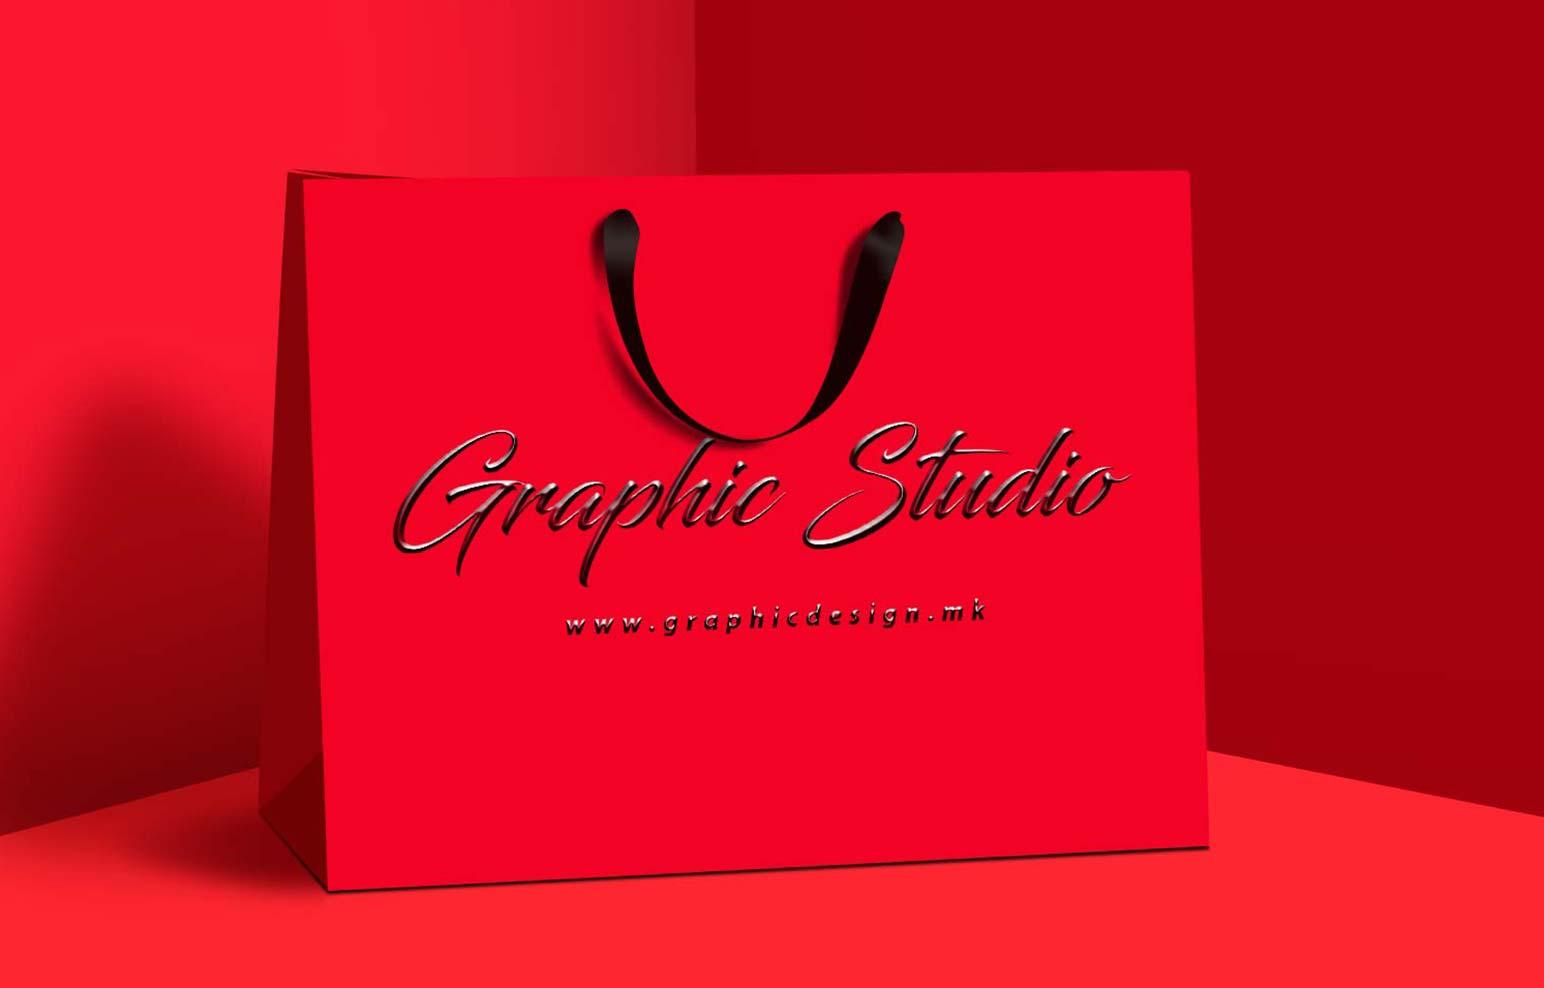 Kreirame dizajni za site vidovi na kesi - Graficki dizajn, Креираме дизајни за сите видови на кеси - Графички дизајн